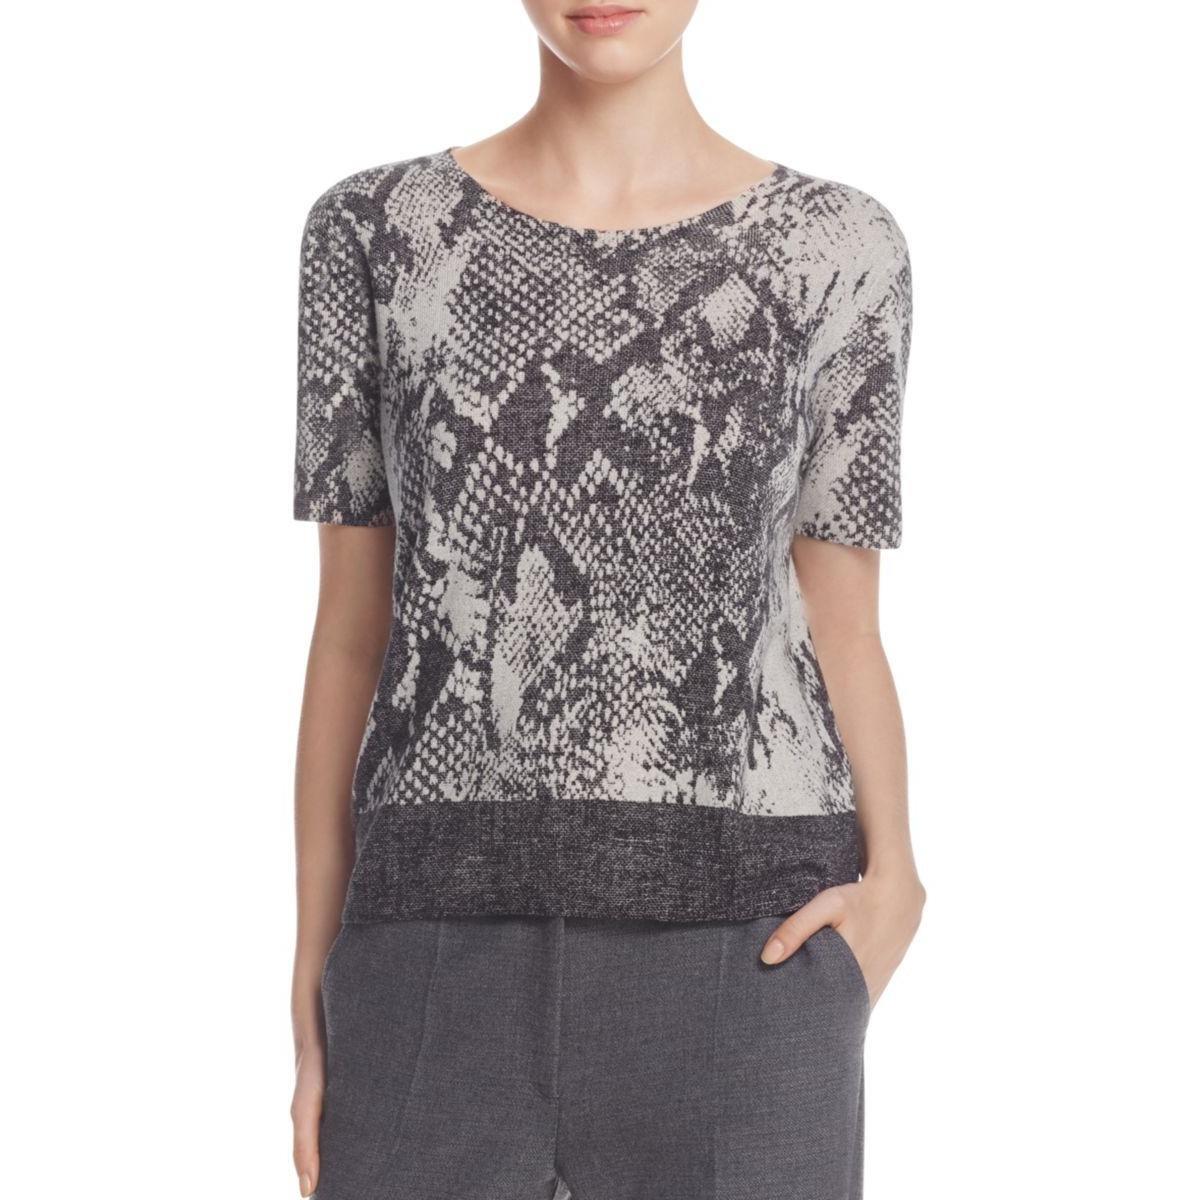 BOSS Hugo Boss Womens Wool Printed Casual Top Gray XL